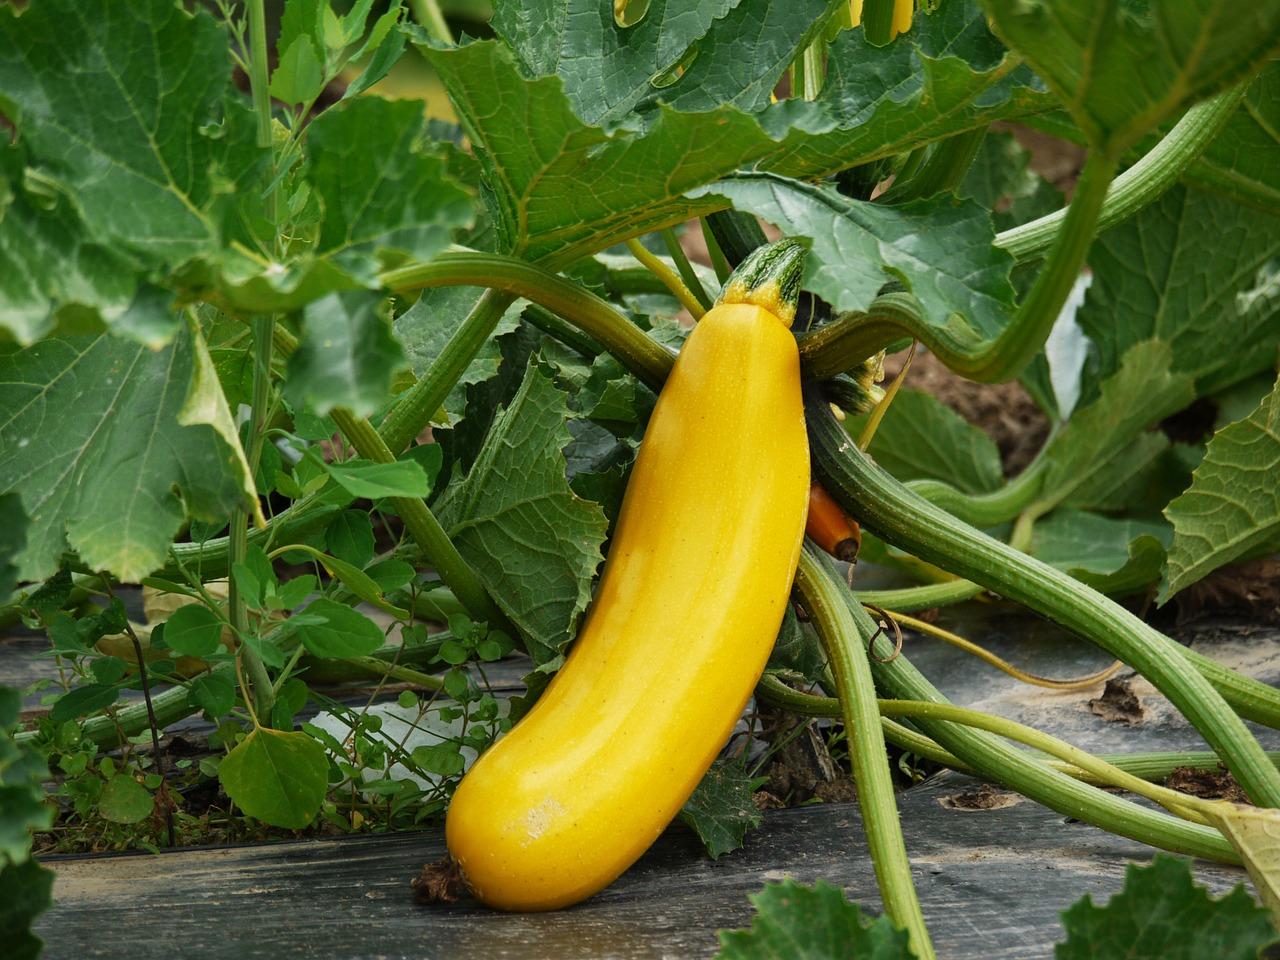 ᑕ❶ᑐ Achtung Zucchini Bitter Und Giftig ᐅ Balkon Gartentipps